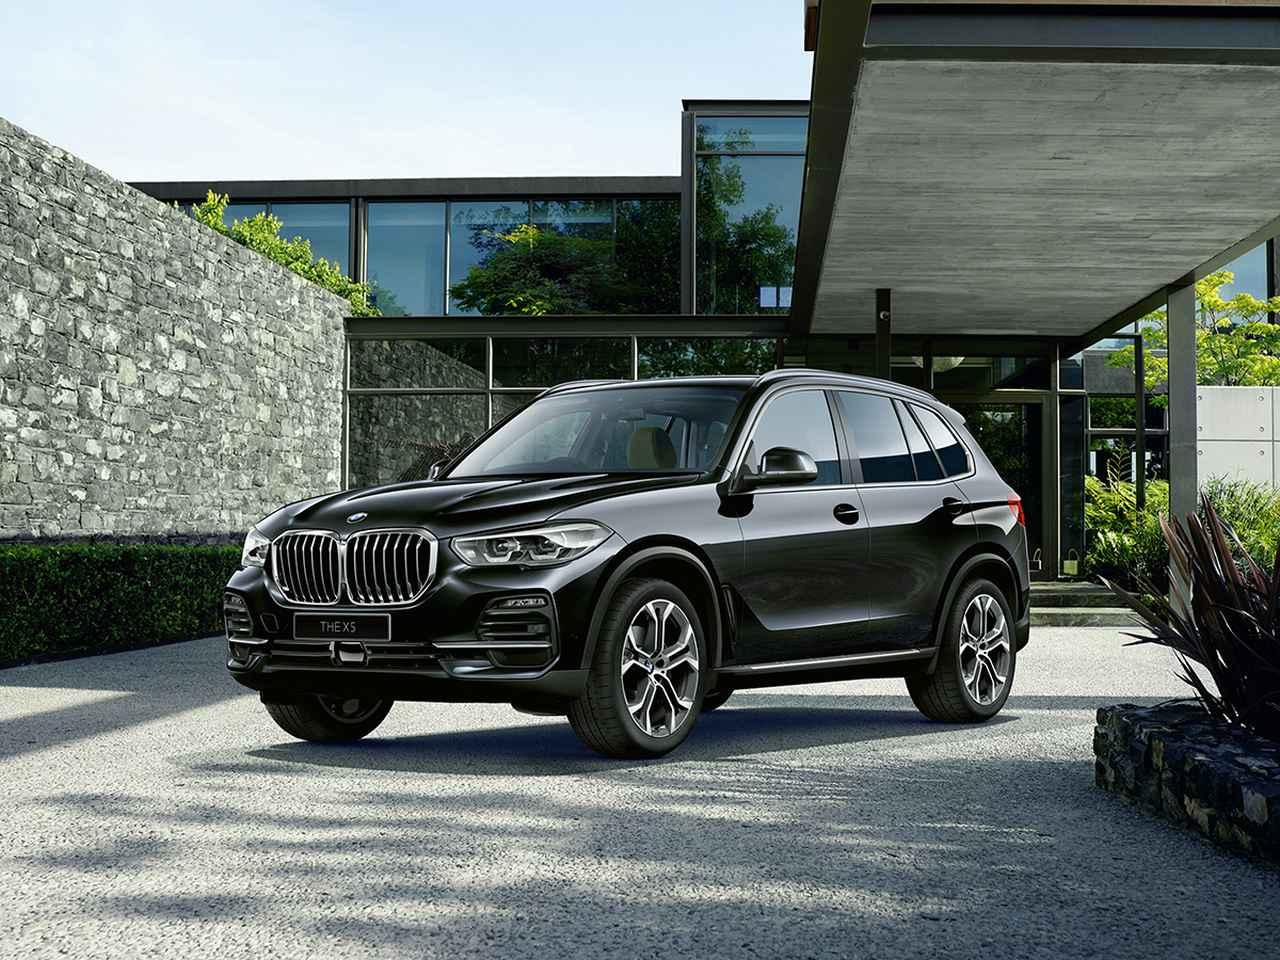 Images : 1番目の画像 - BMW X5 xDrive35dプレジャー3エディション - Webモーターマガジン